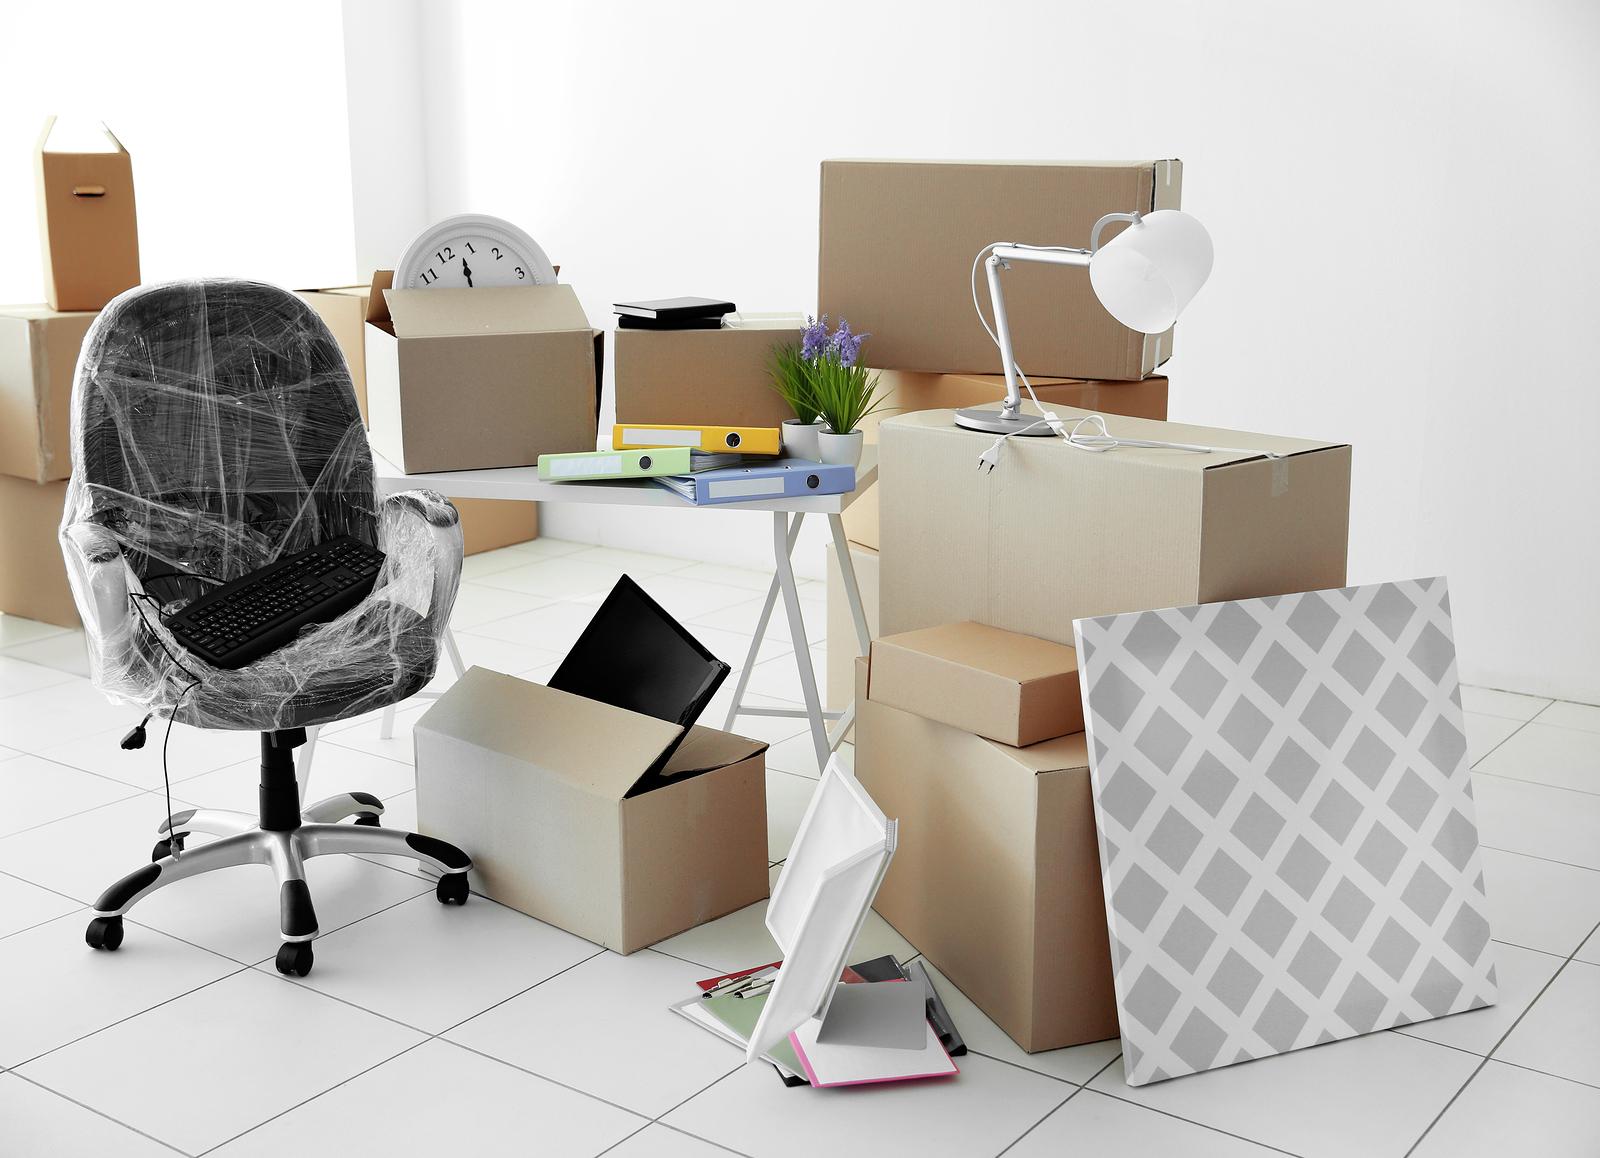 При заказе переезда 3-х комнатной квартиры - упаковка БЕСПЛАТНО!